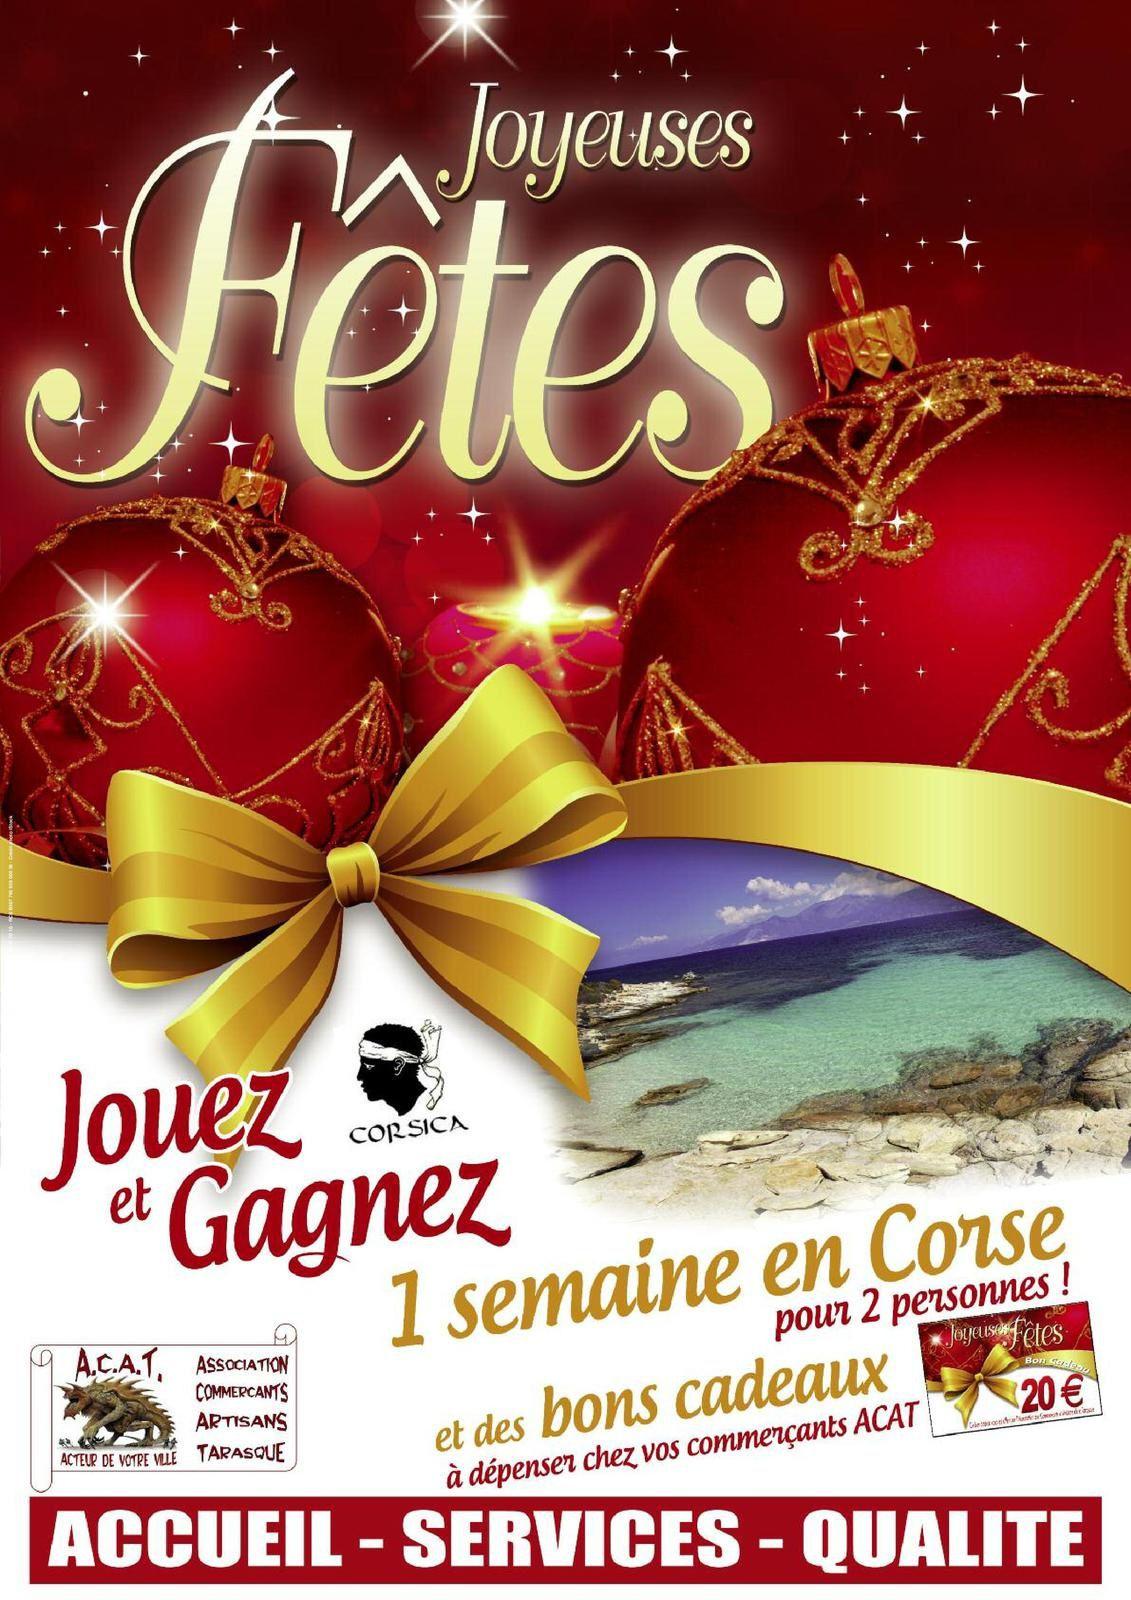 Gagnez aussi 1 semaine en CORSE et des centaines d'€ de bons cadeaux avec l'A.C.A.T.